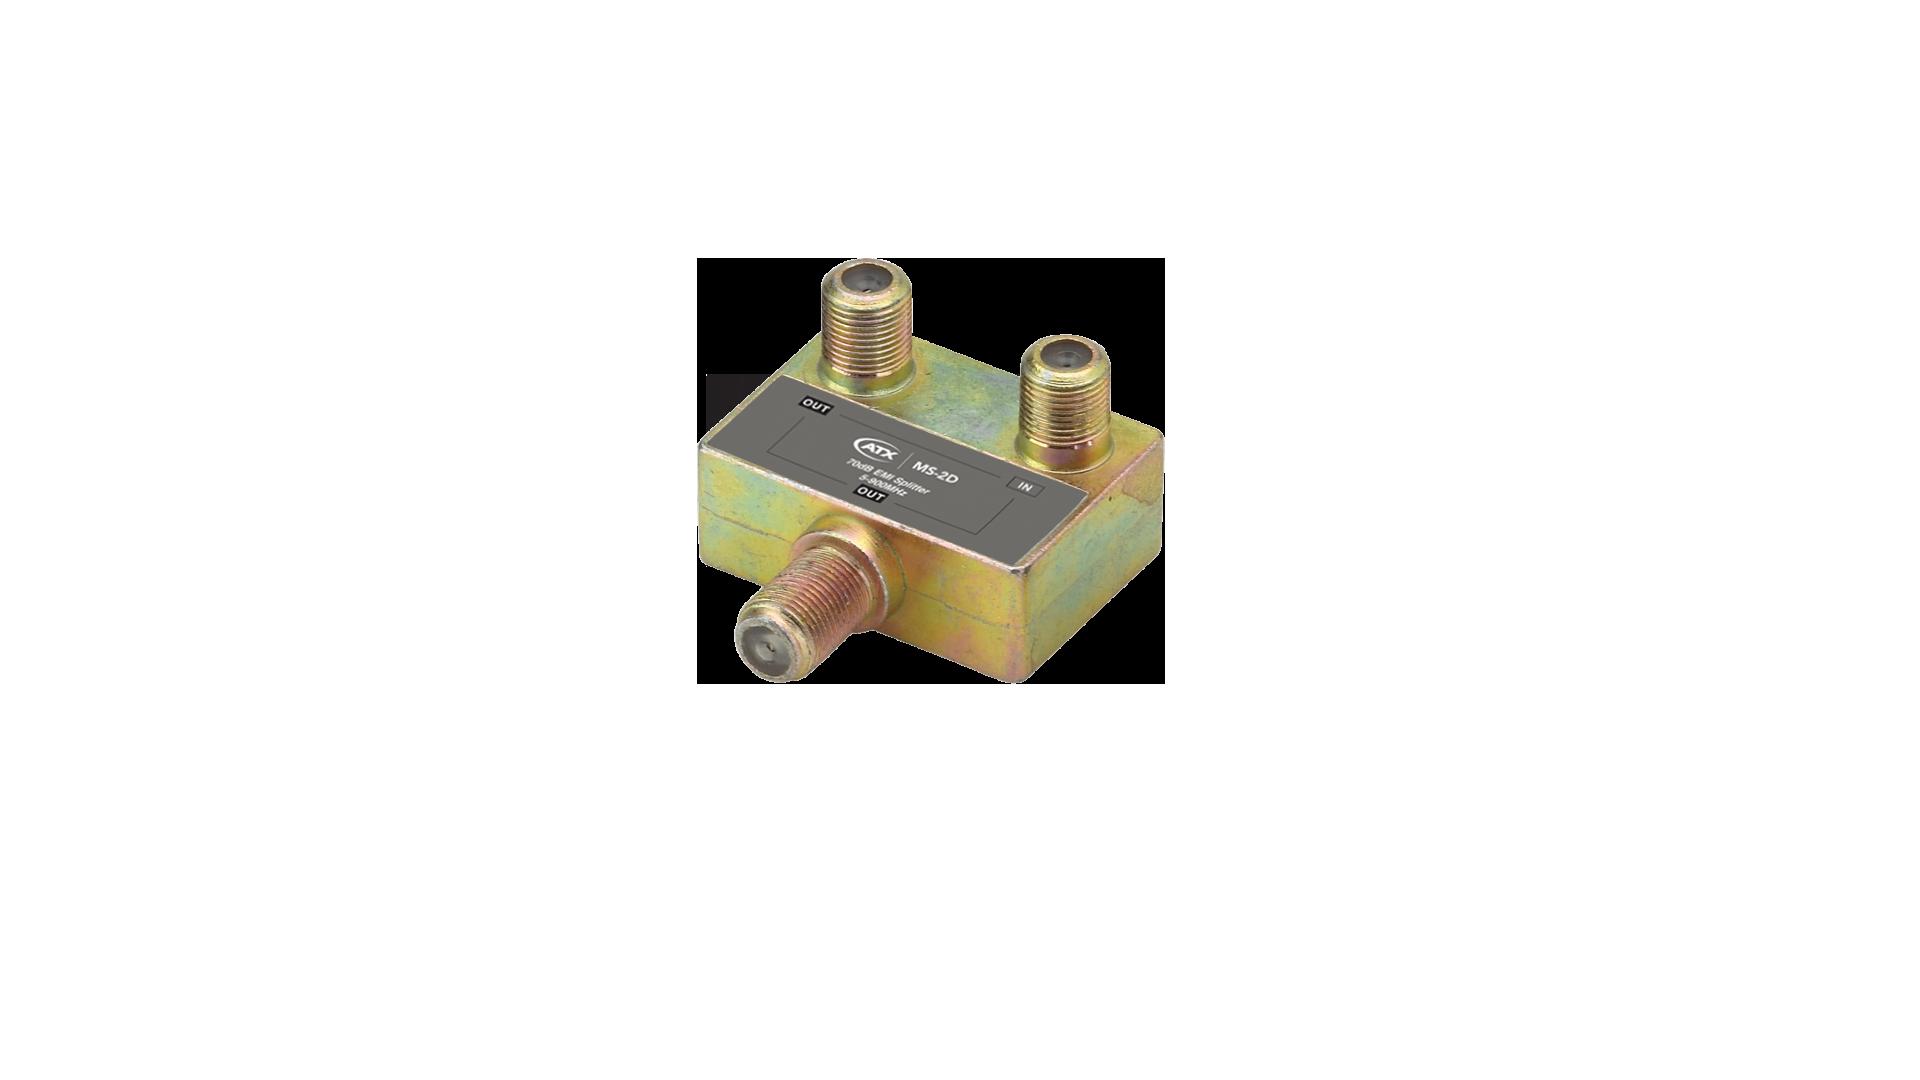 MS-2D: 2-Port 1GHz Power Passing Splitter